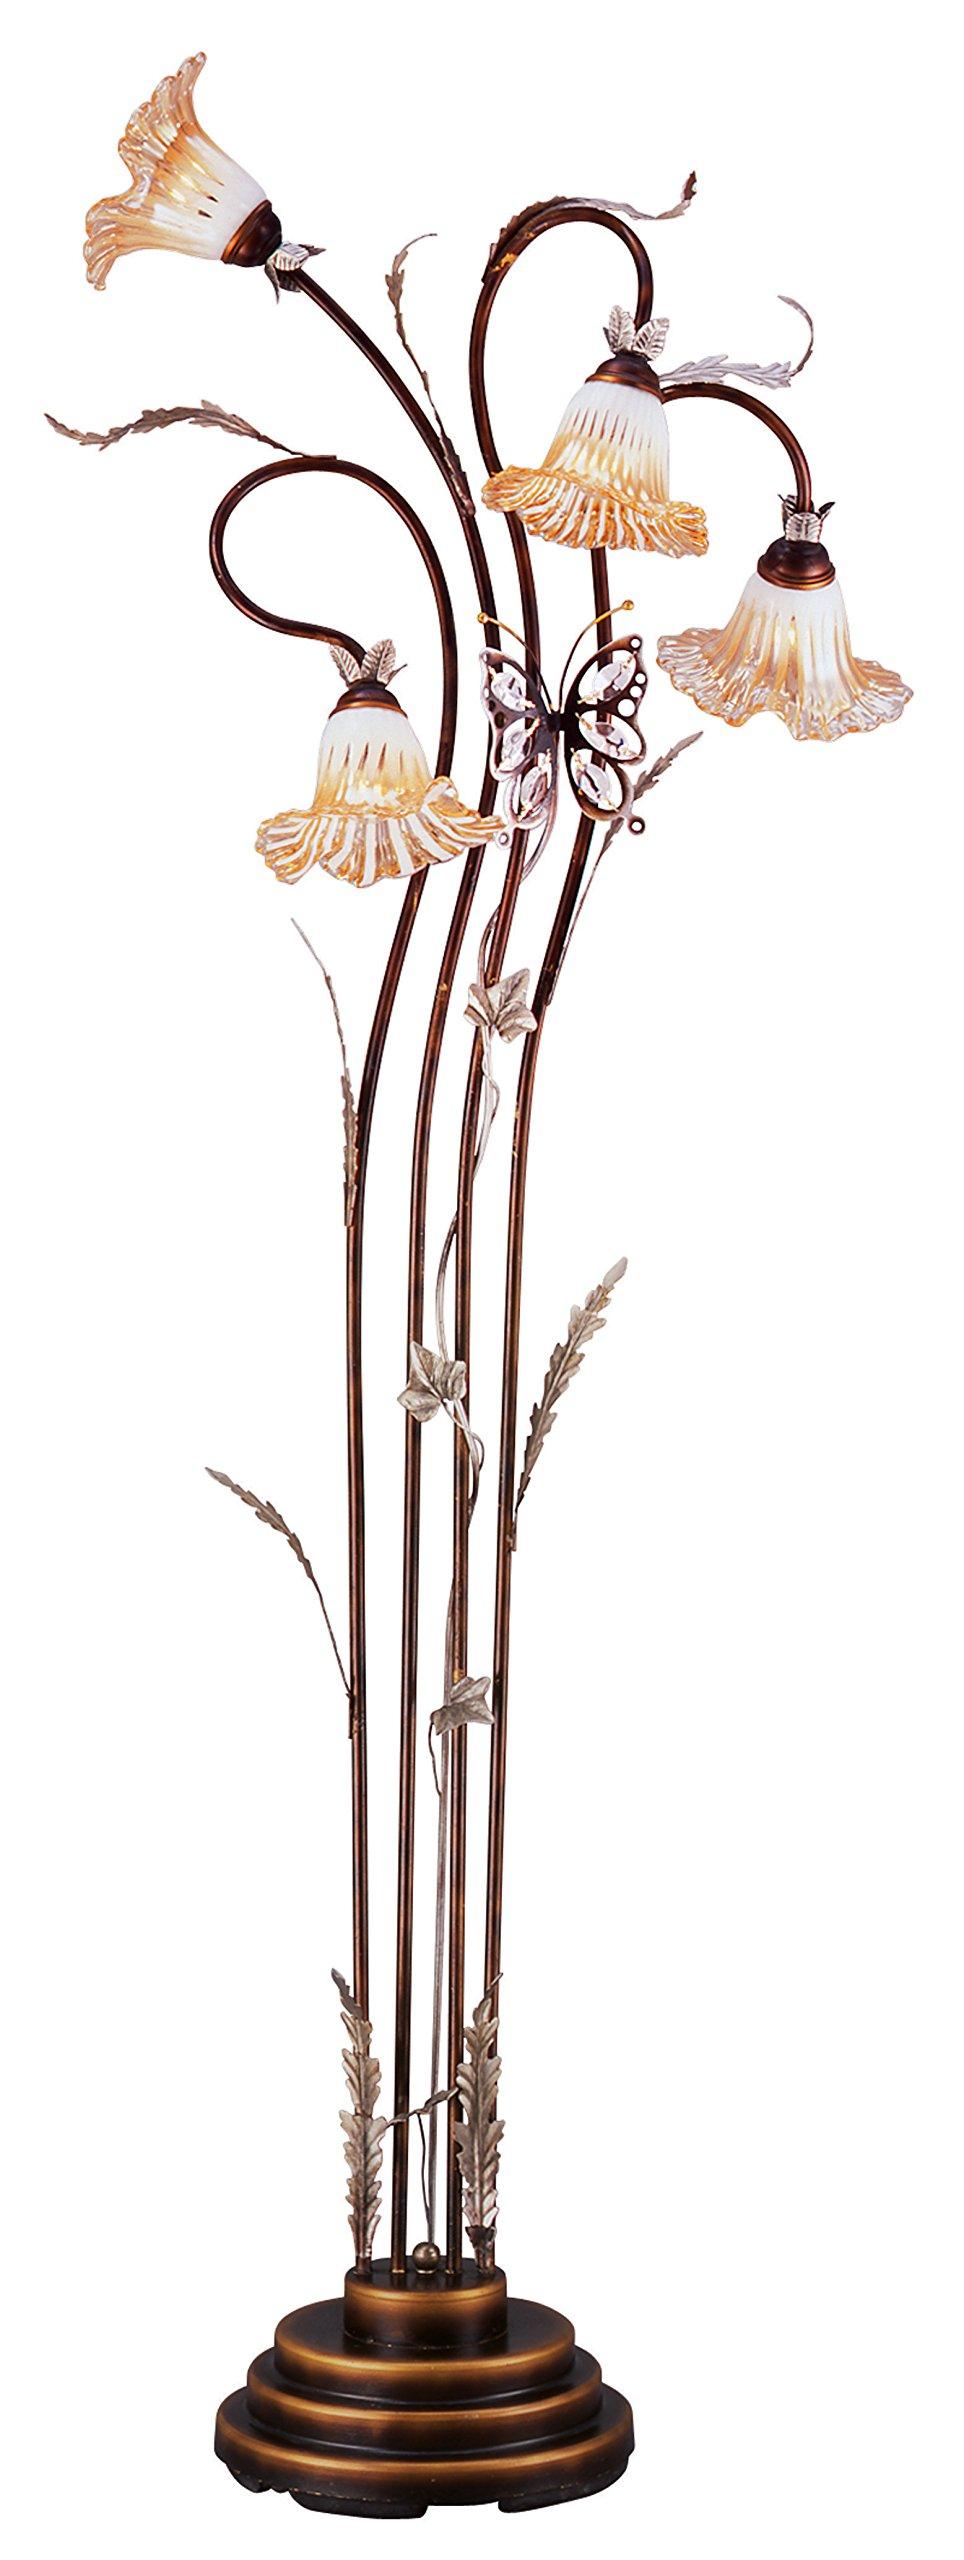 OK Lighting OK-9138 Modern Flower Glass Shade Metal Floor Lamp, 70'', Bronze Finish